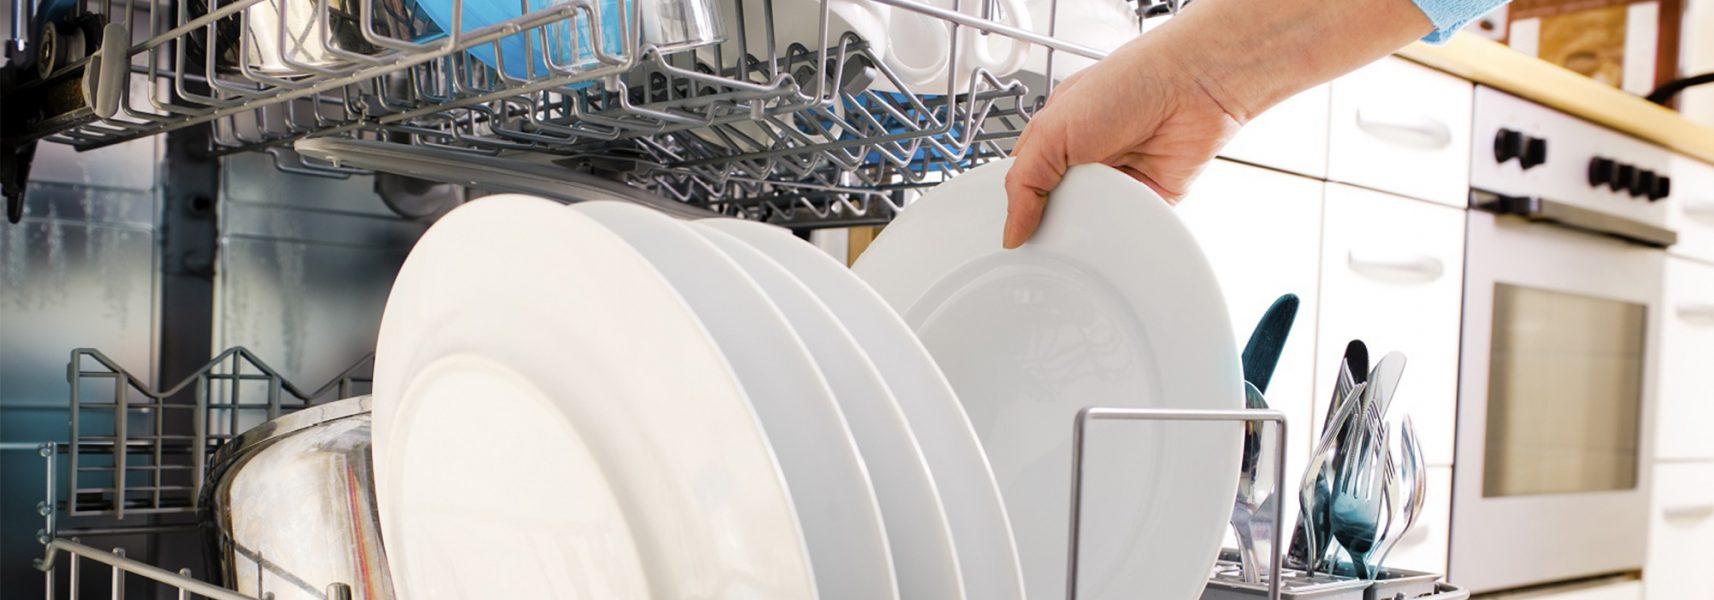 come scegliere la lavastoviglie